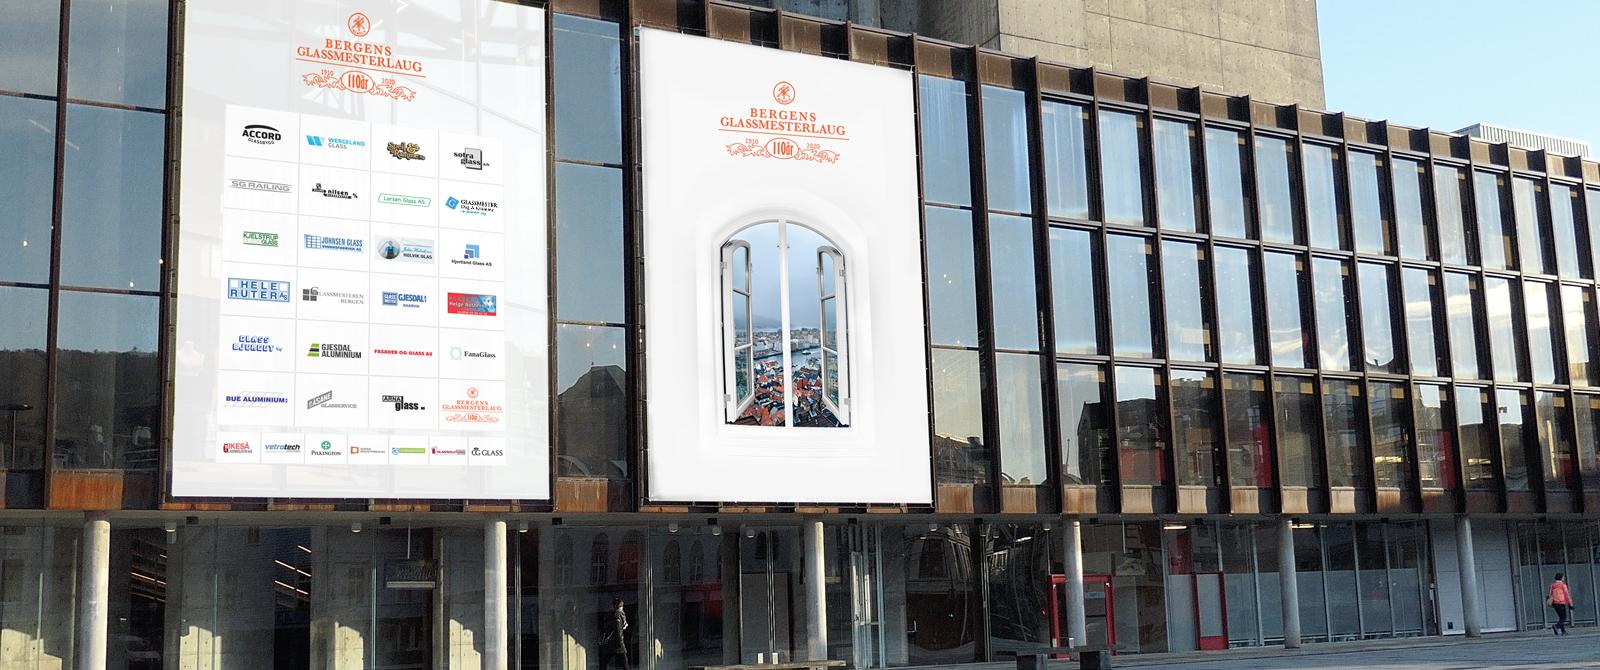 Foto av Grieghallen med poster av bergens glassmesterlaugs medlemsbedrifter